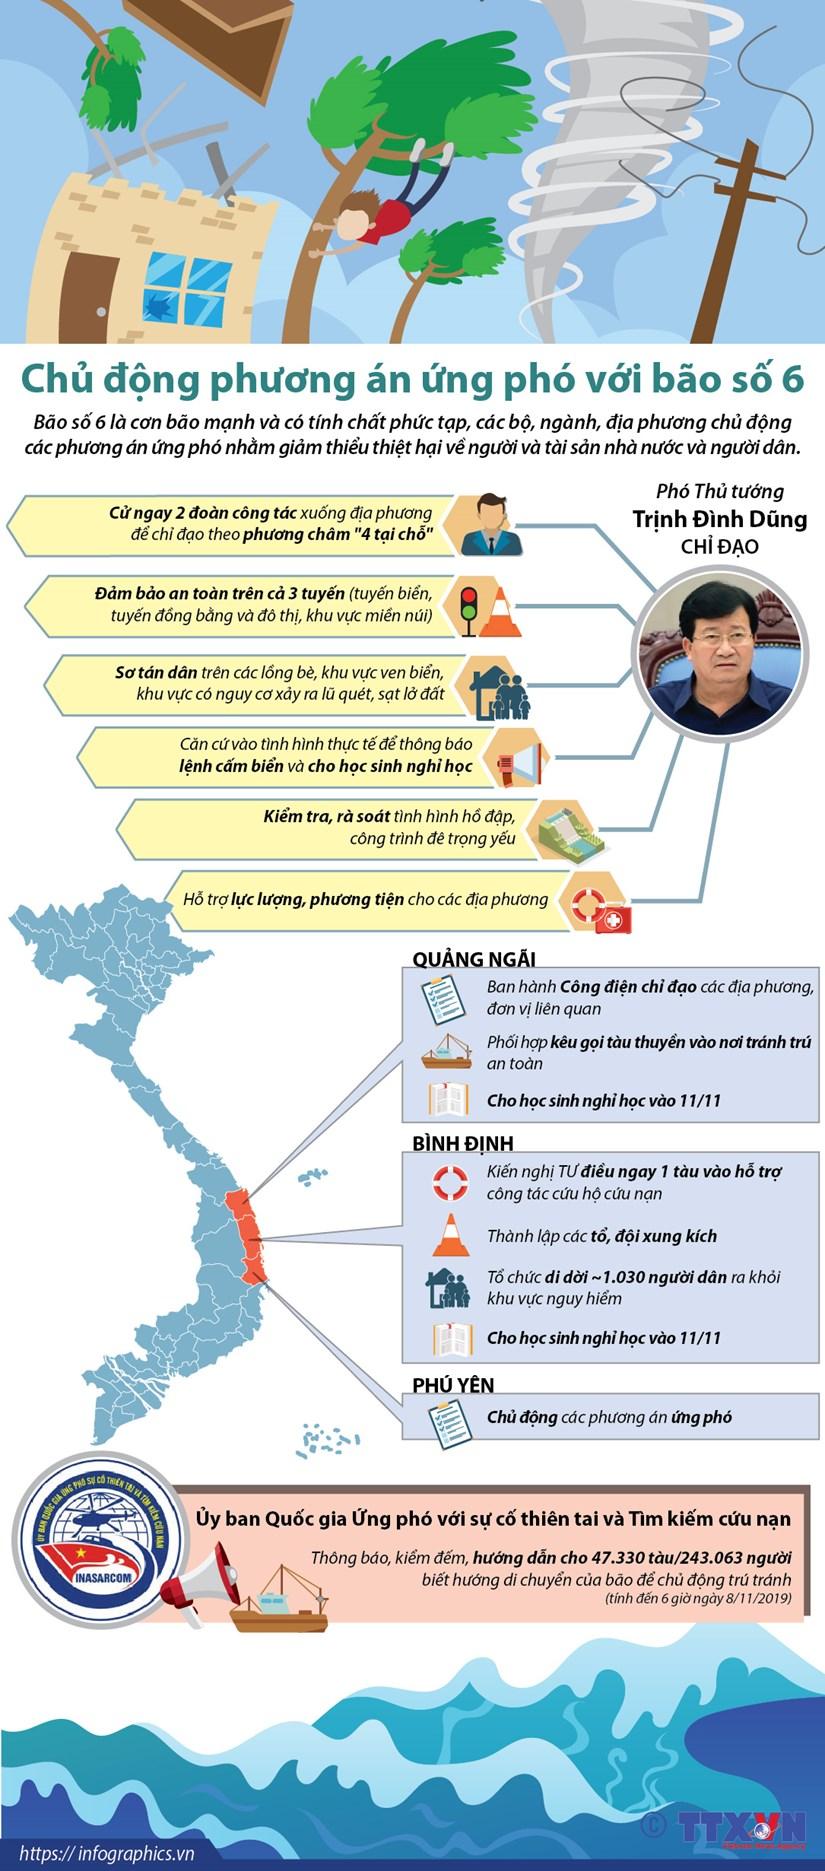 [Infographics] Chủ động phương án ứng phó với bão số 6